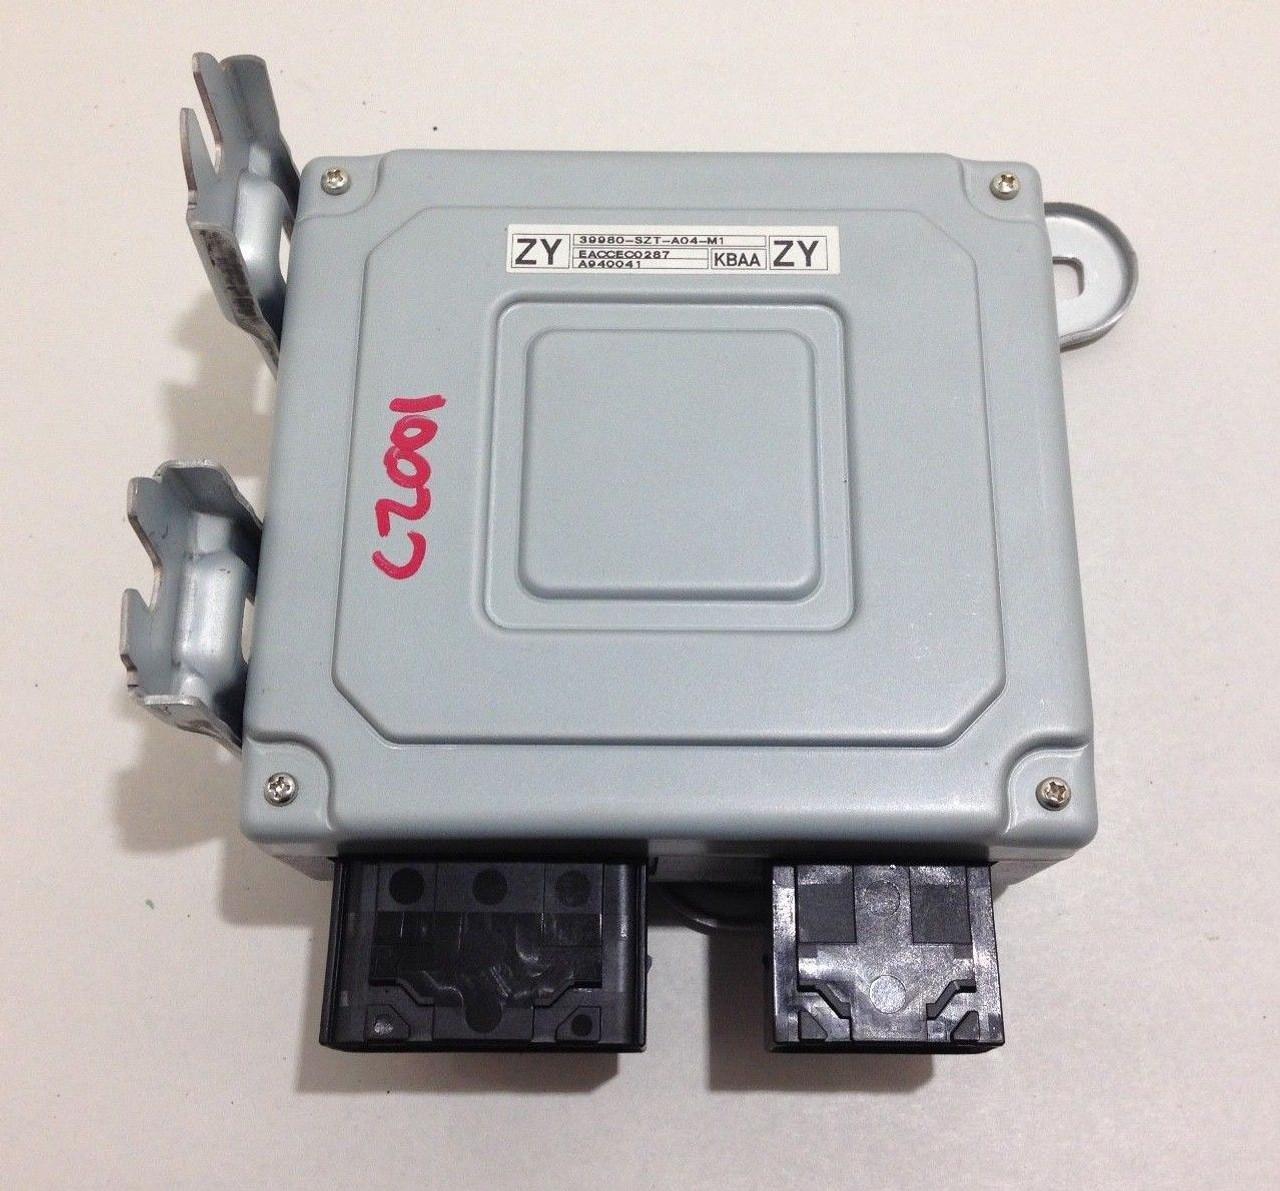 2011 Honda CRZ CR-Z Factory EPS Power Steering Control Module Unit CZ001